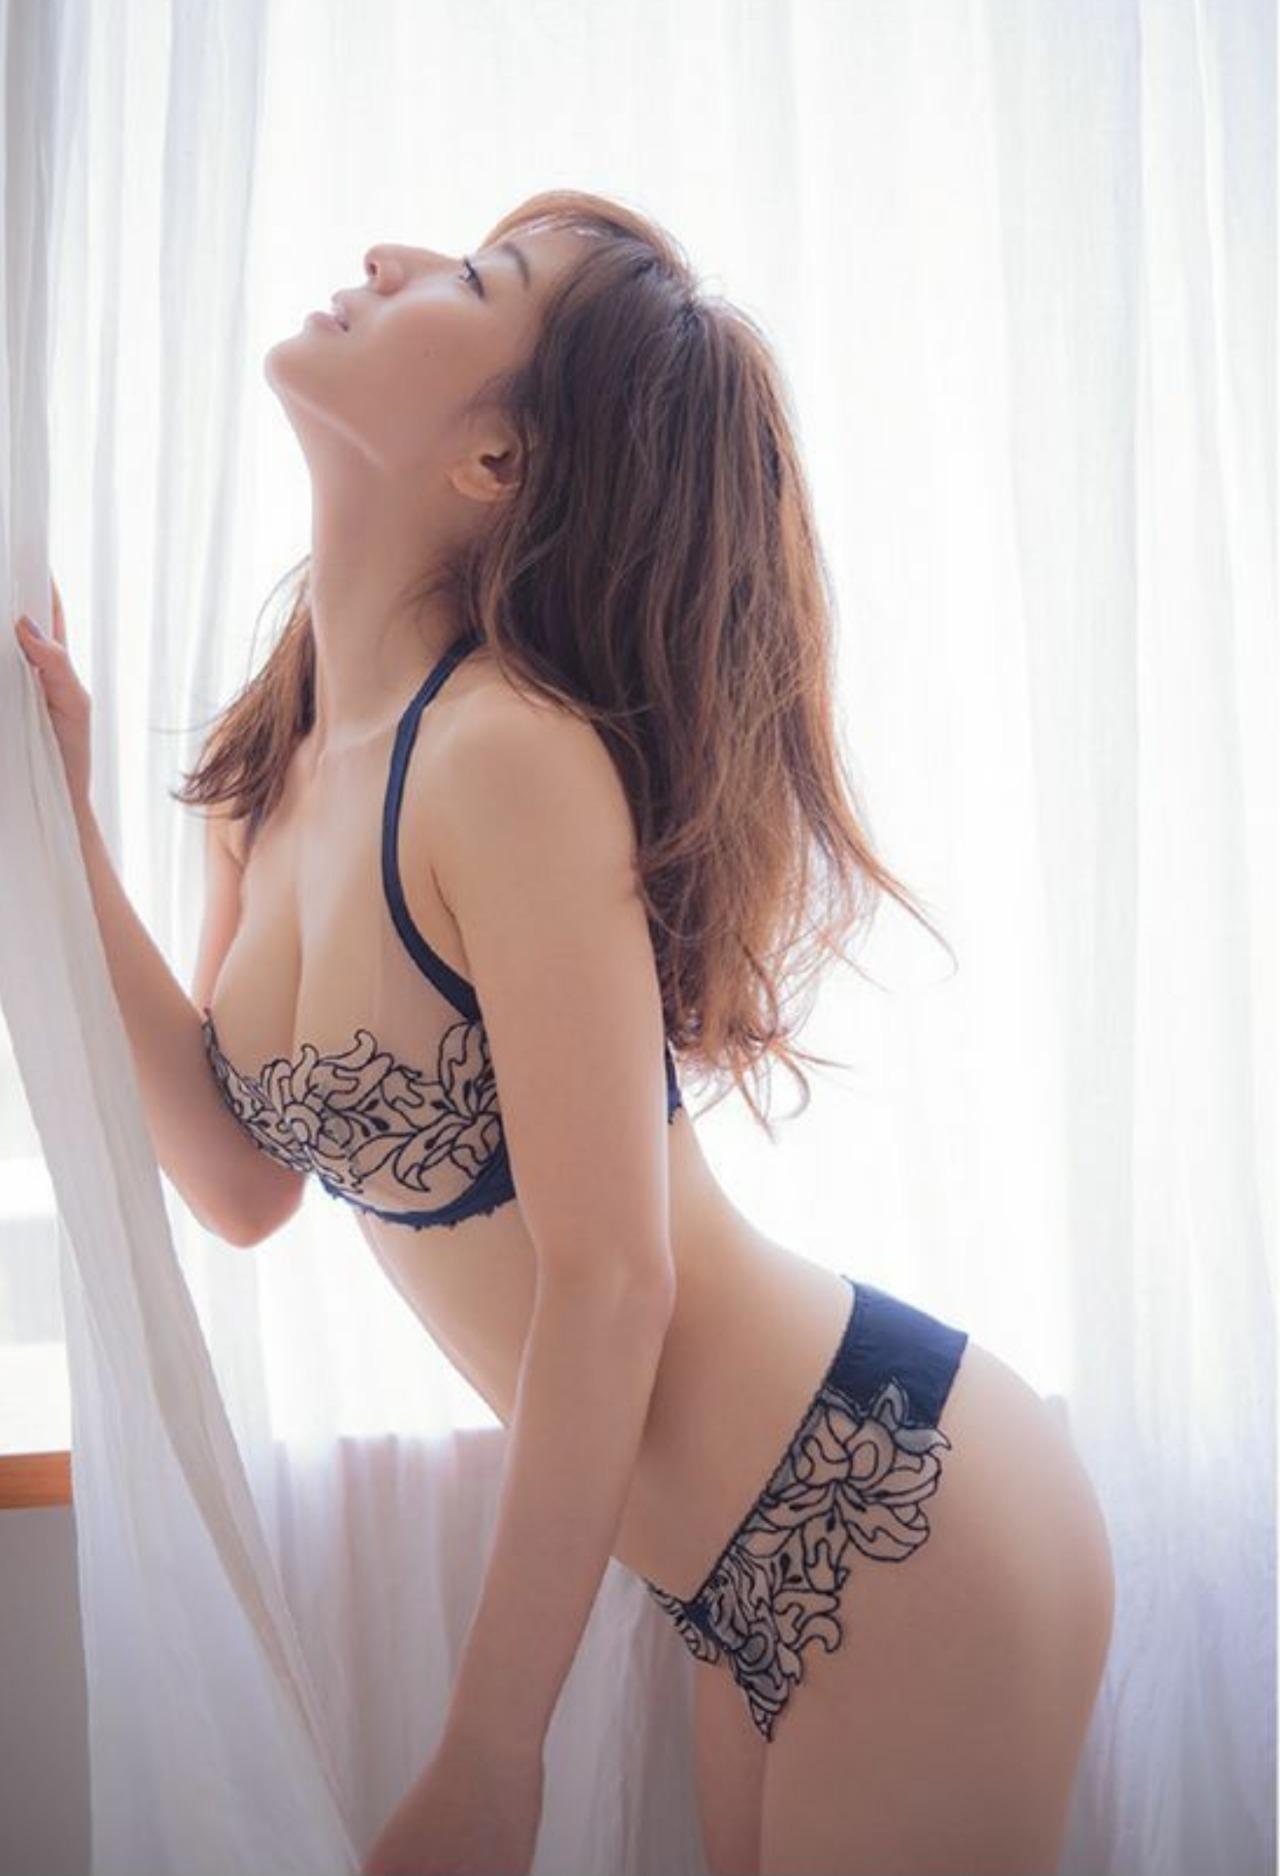 田中みな実のお宝エロ画像